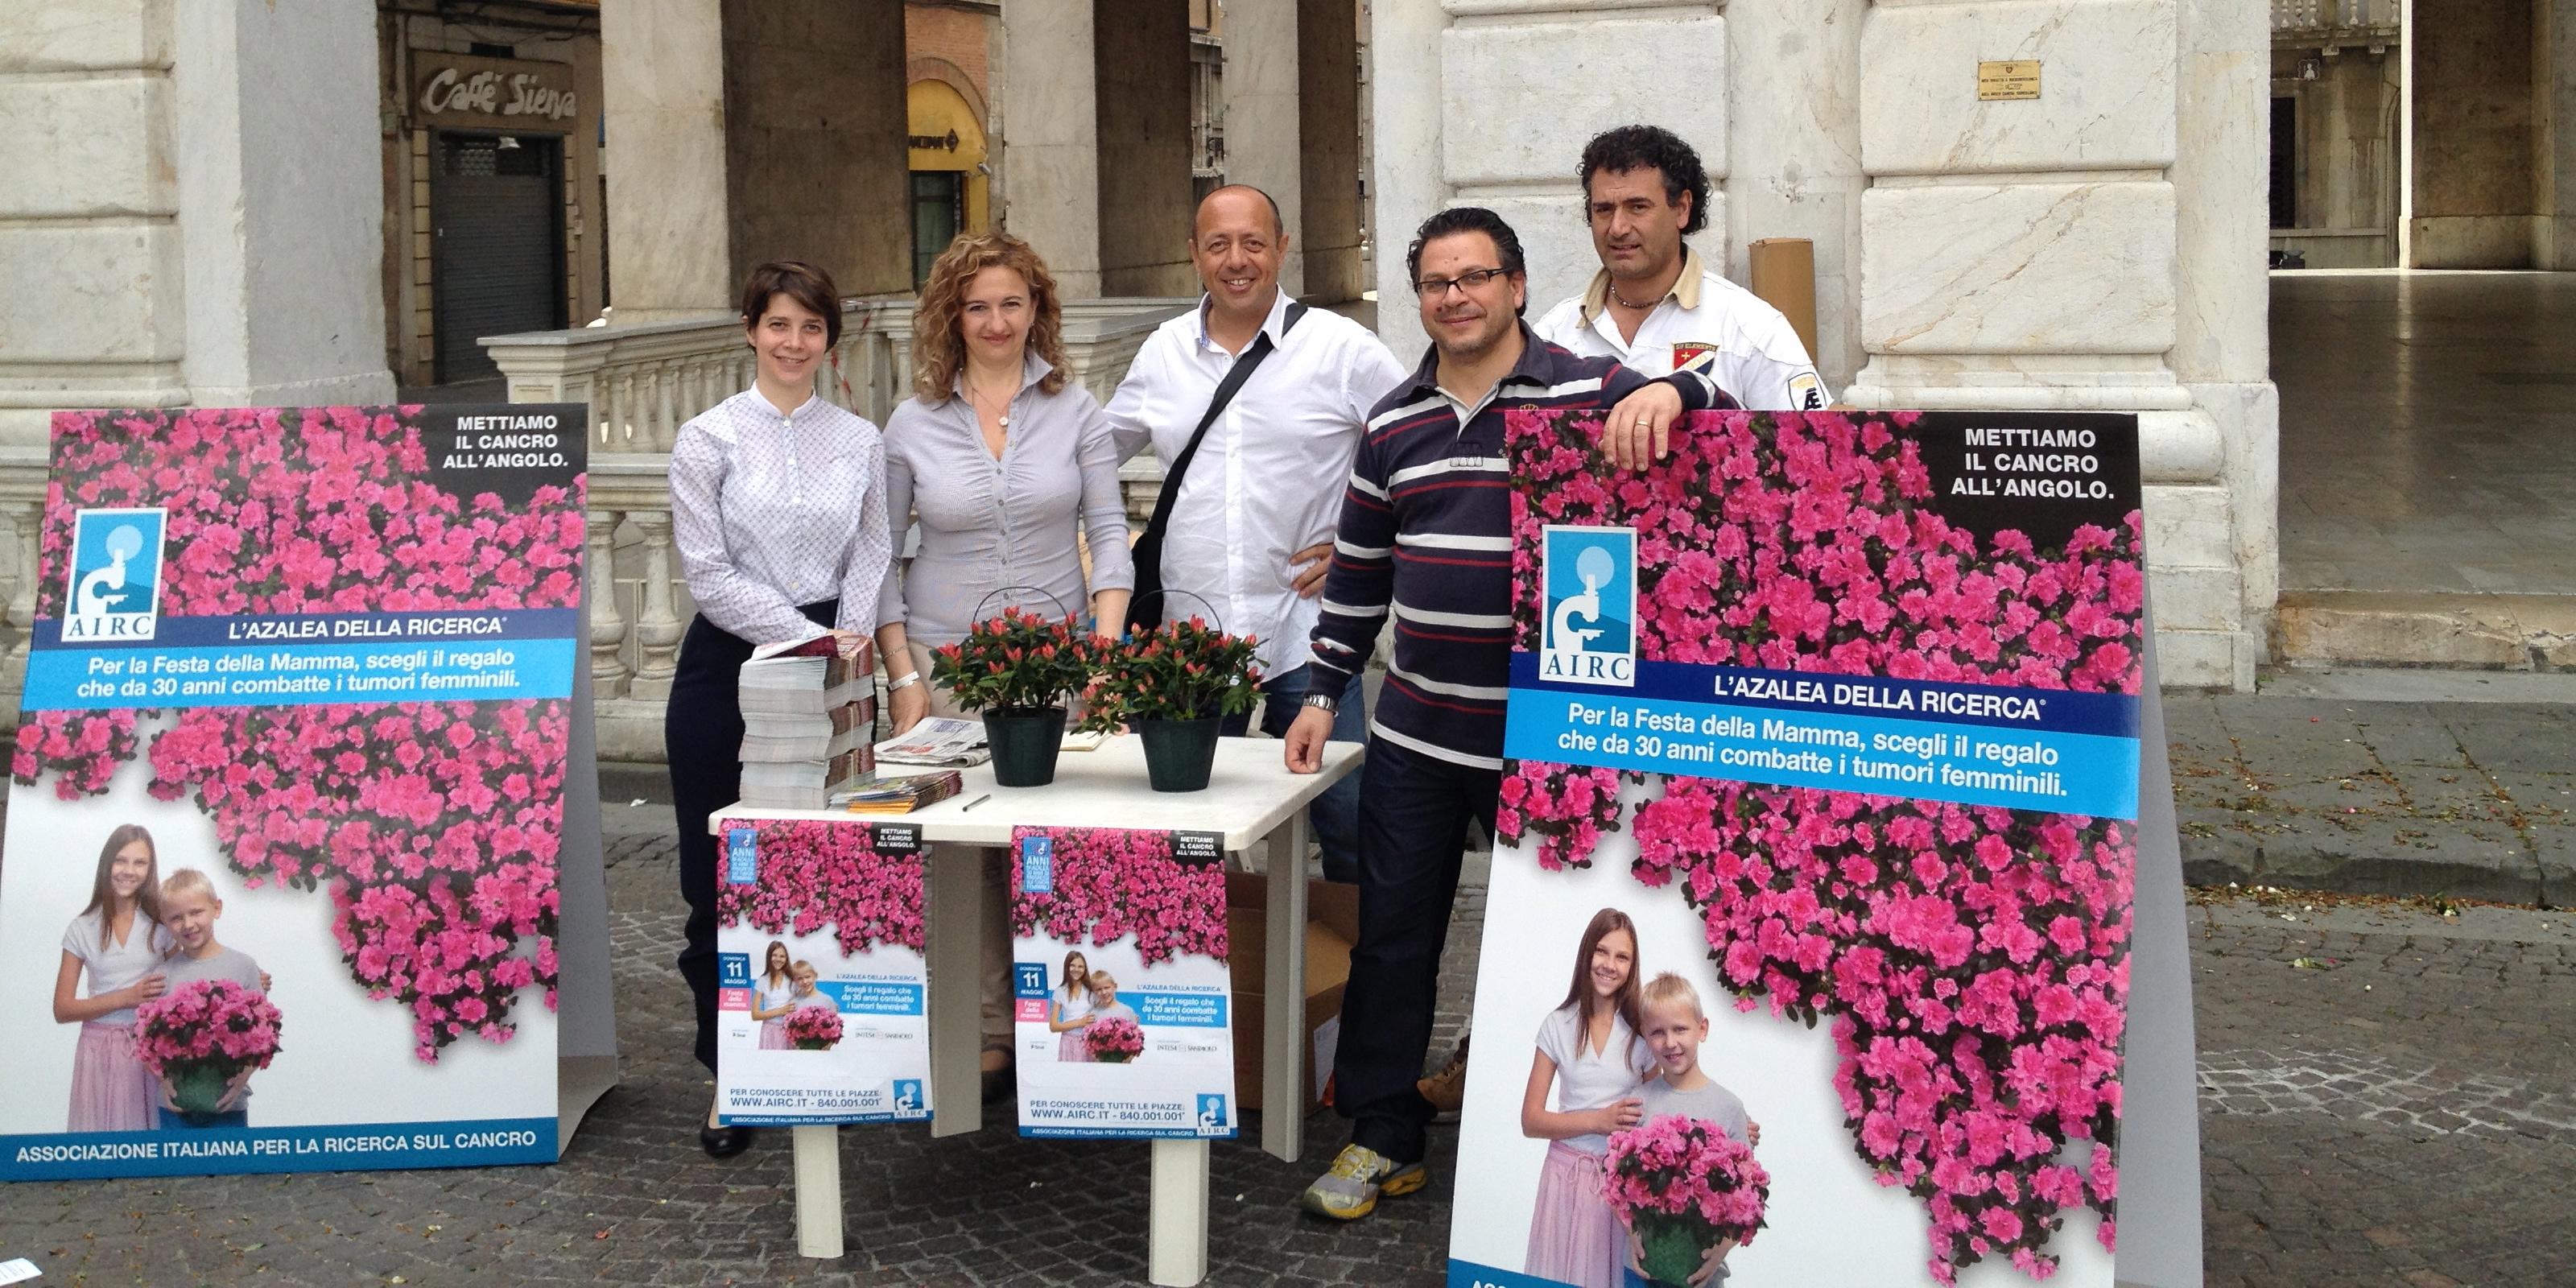 AIRC Start-Up di Pisa testimonial per la campagna Azalea della Ricerca, 11 maggio 2014